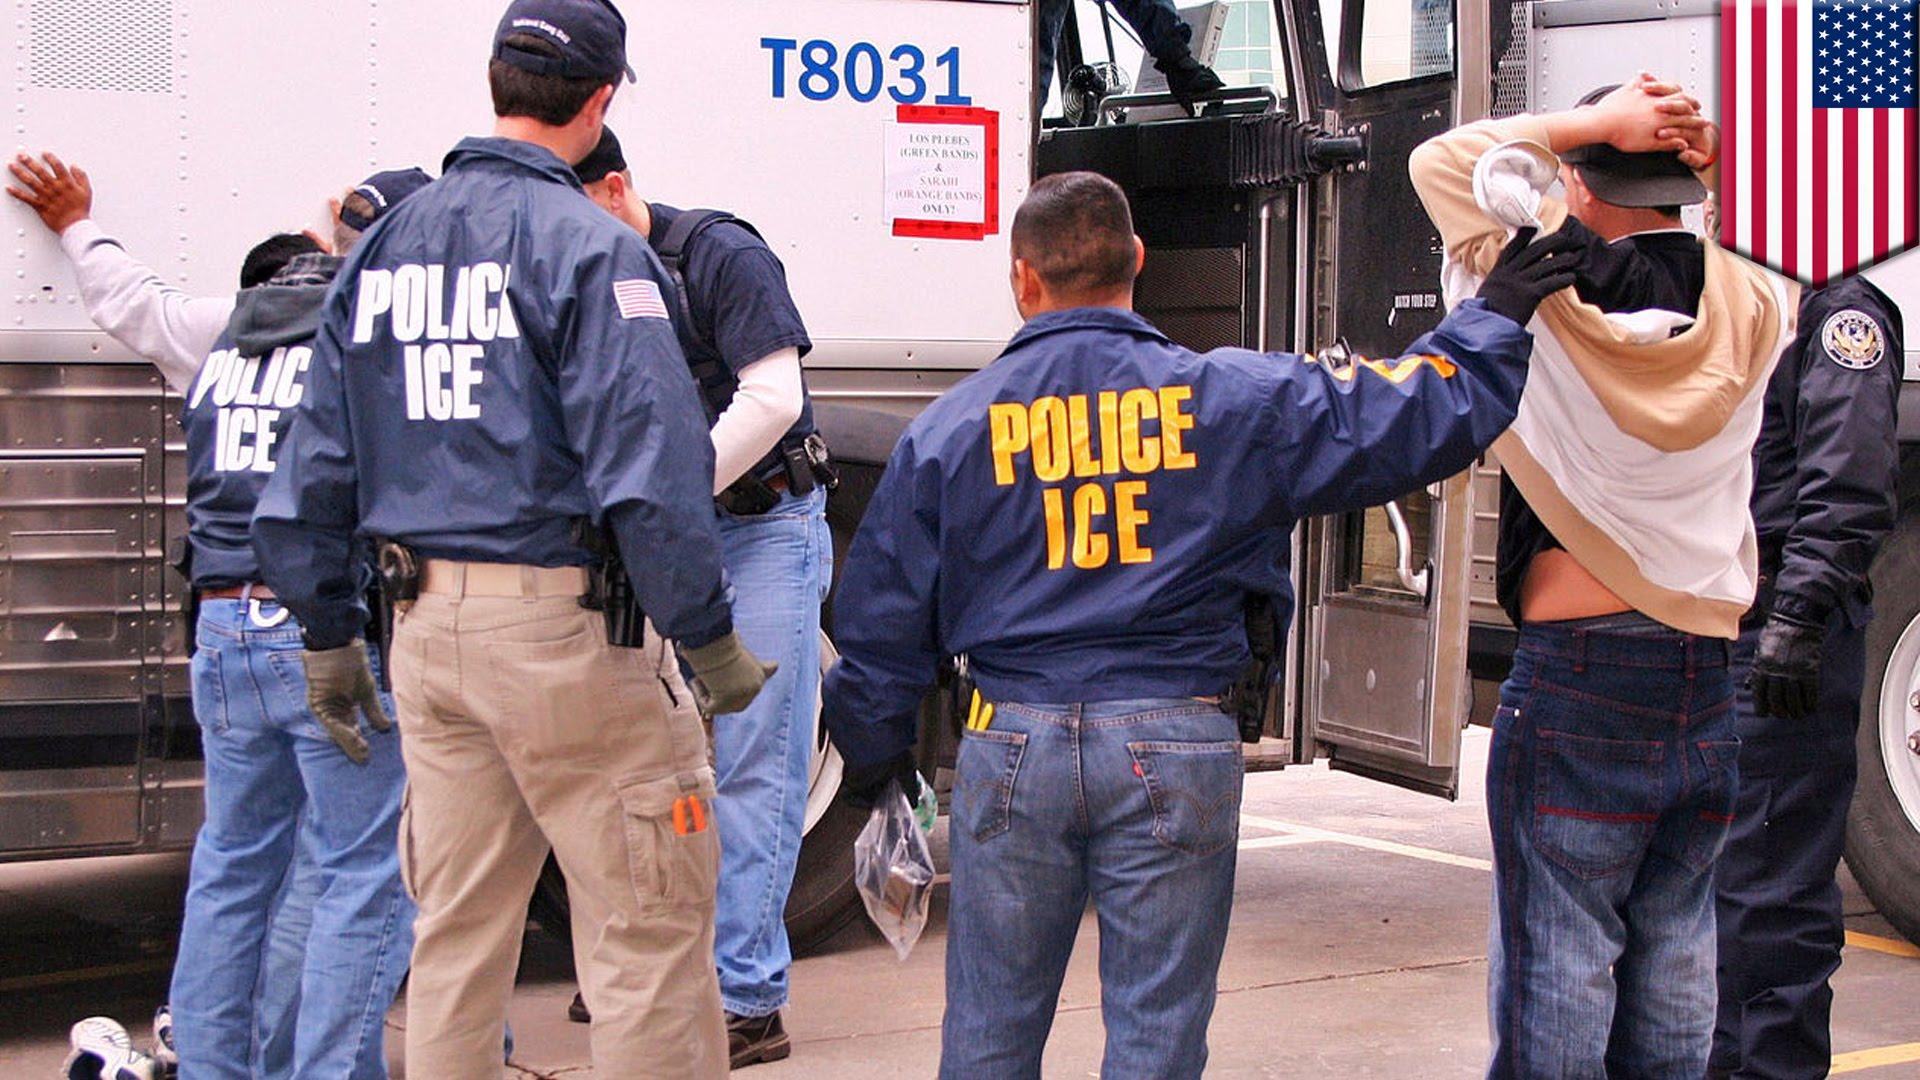 La deportación podrá llevar a la prohibición de entrar a Estados Unidos por 10 años.